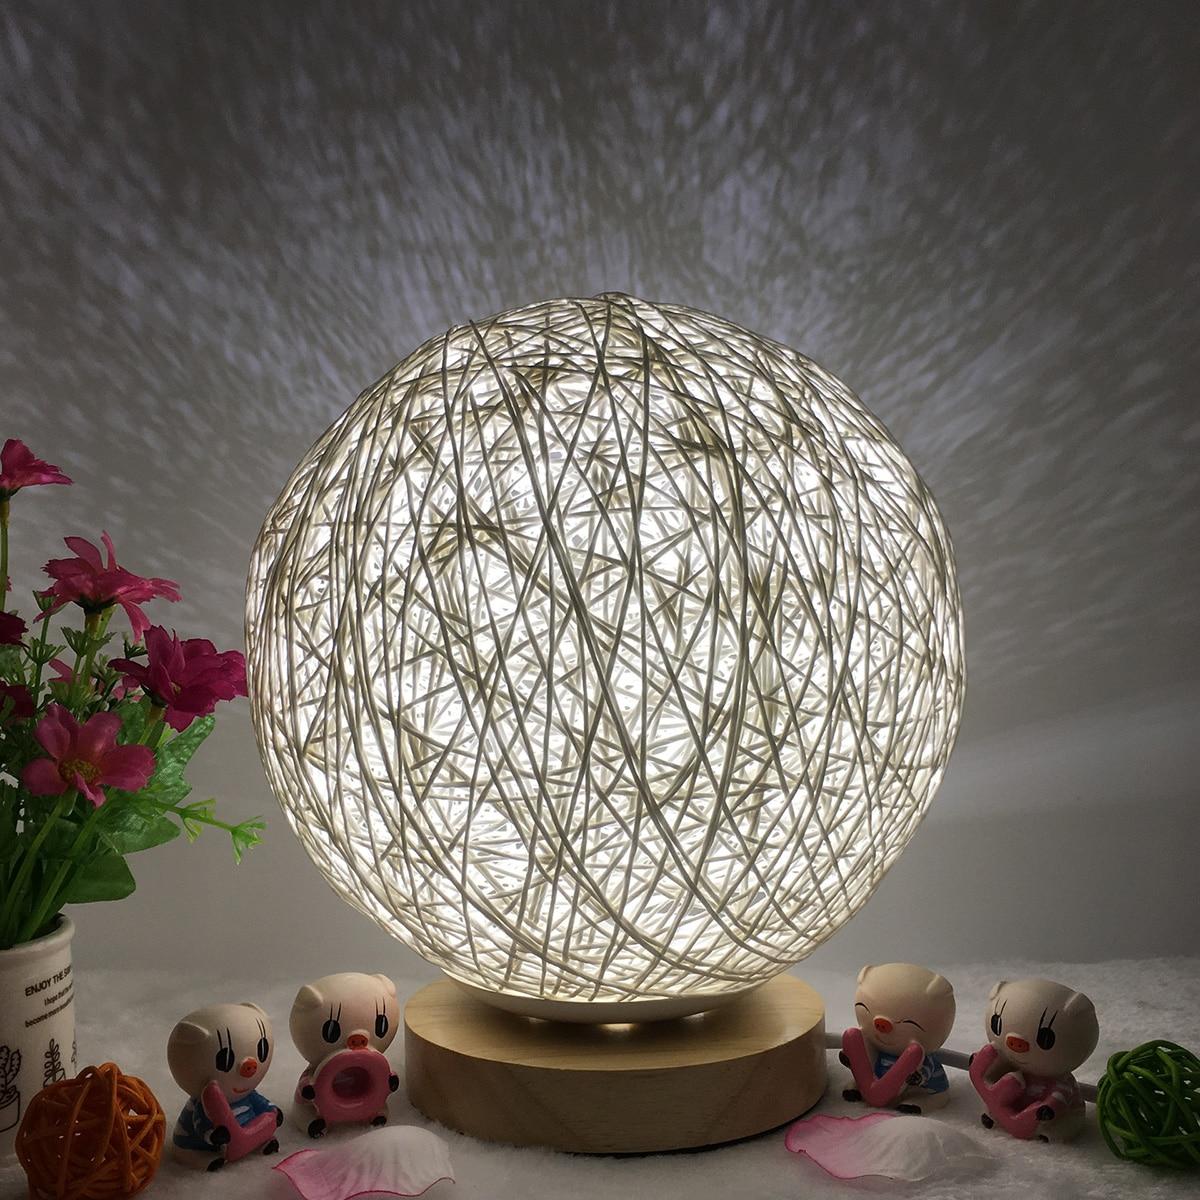 Lámpara de mesa creativa, pantalla de madera tejida a mano, lámpara de Luna, Lámpara USB para dormitorio, decoración de boda, luz de noche de luz de luna